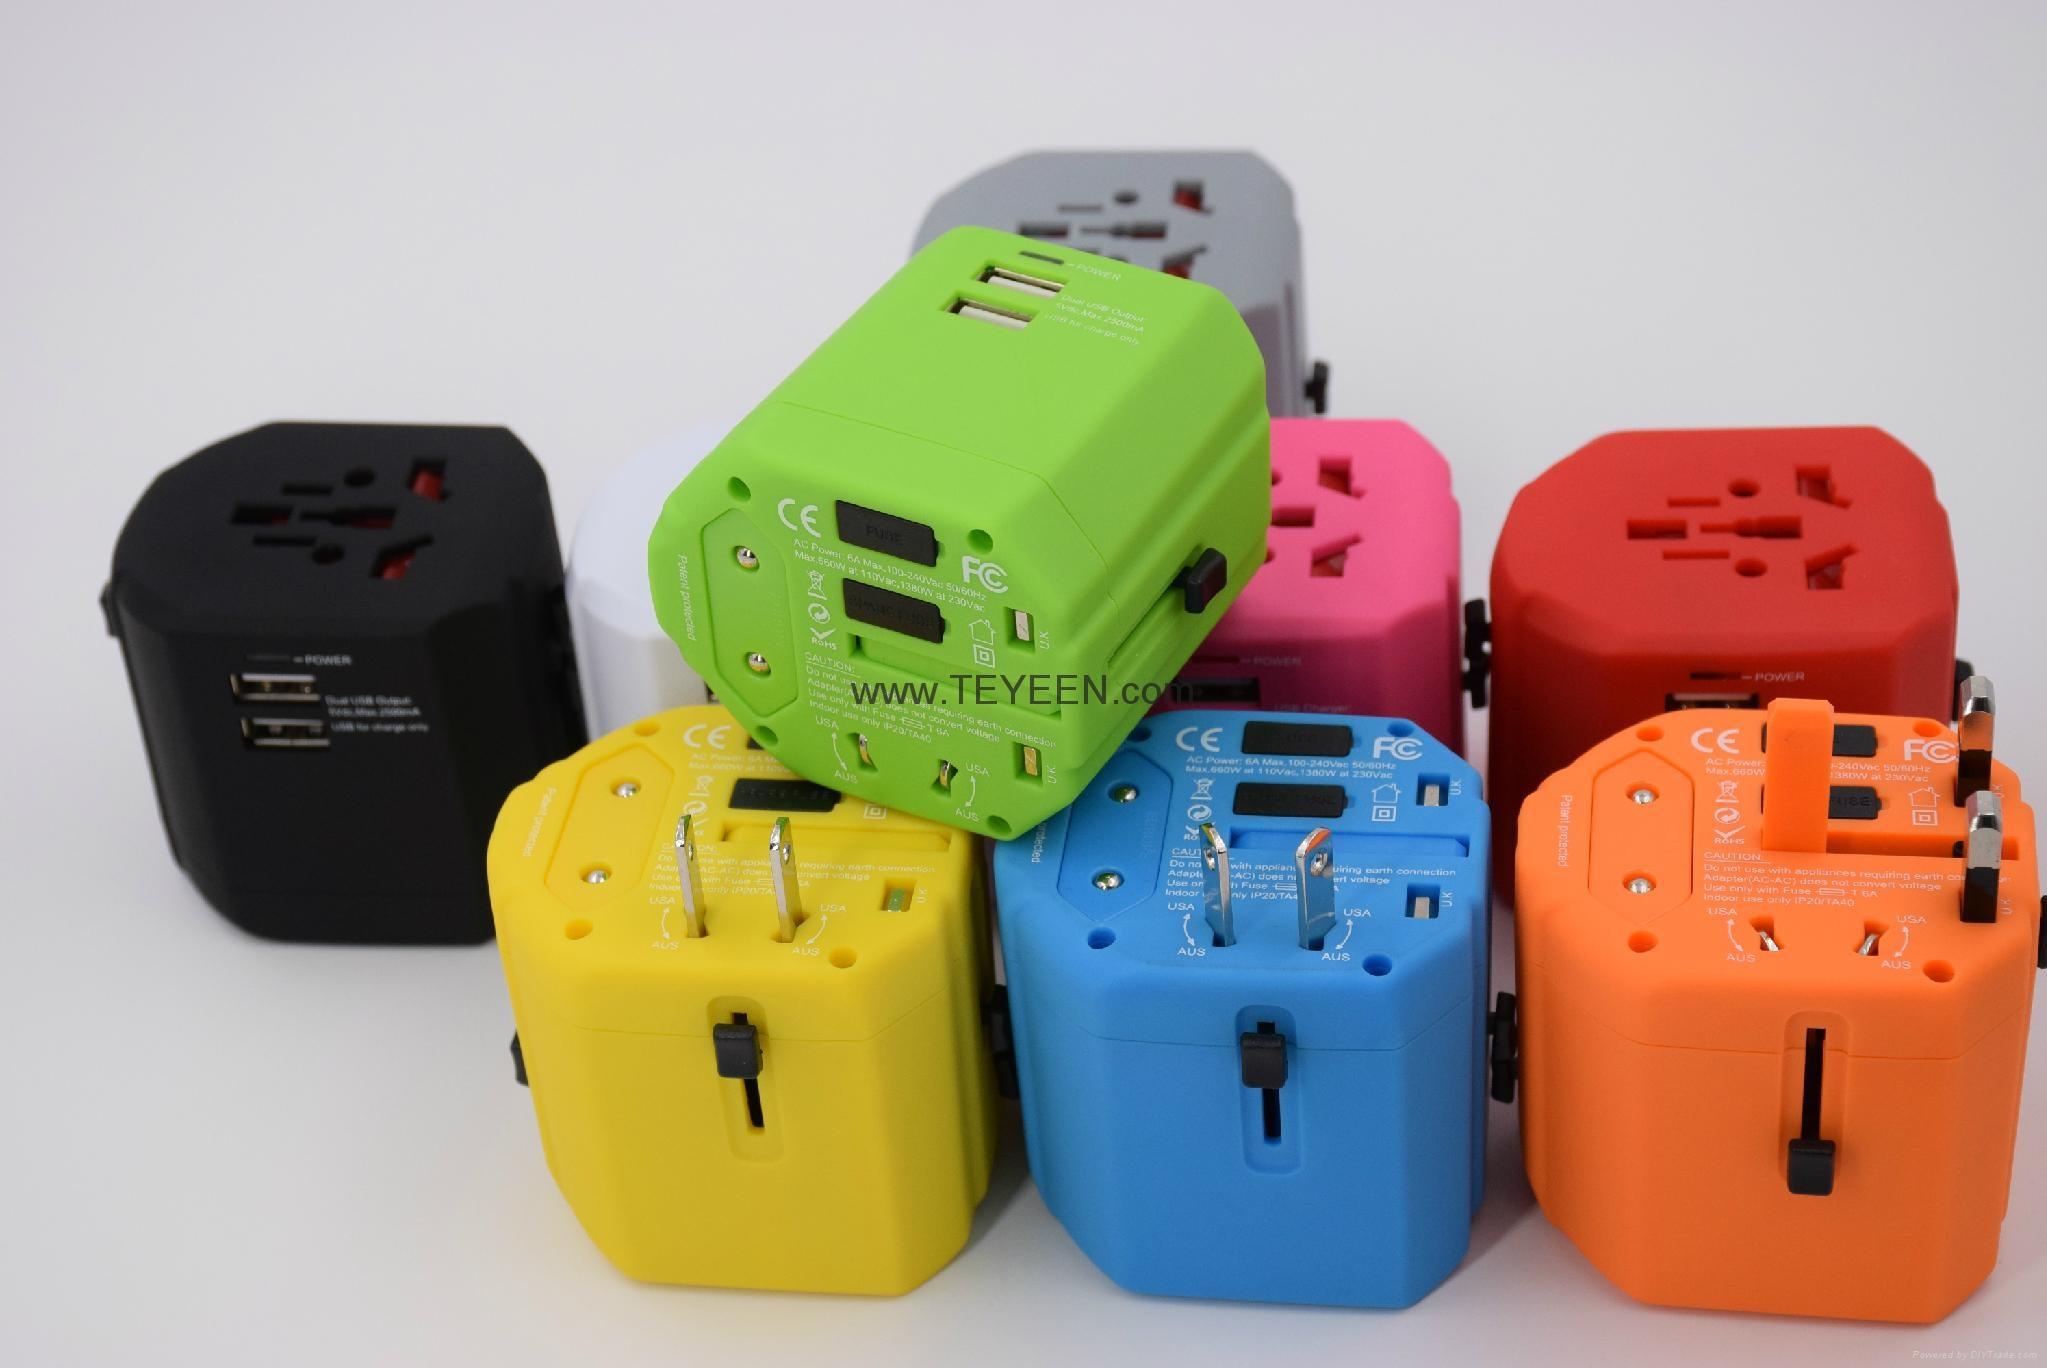 經典款雙USB多功能插頭  DY-019 17